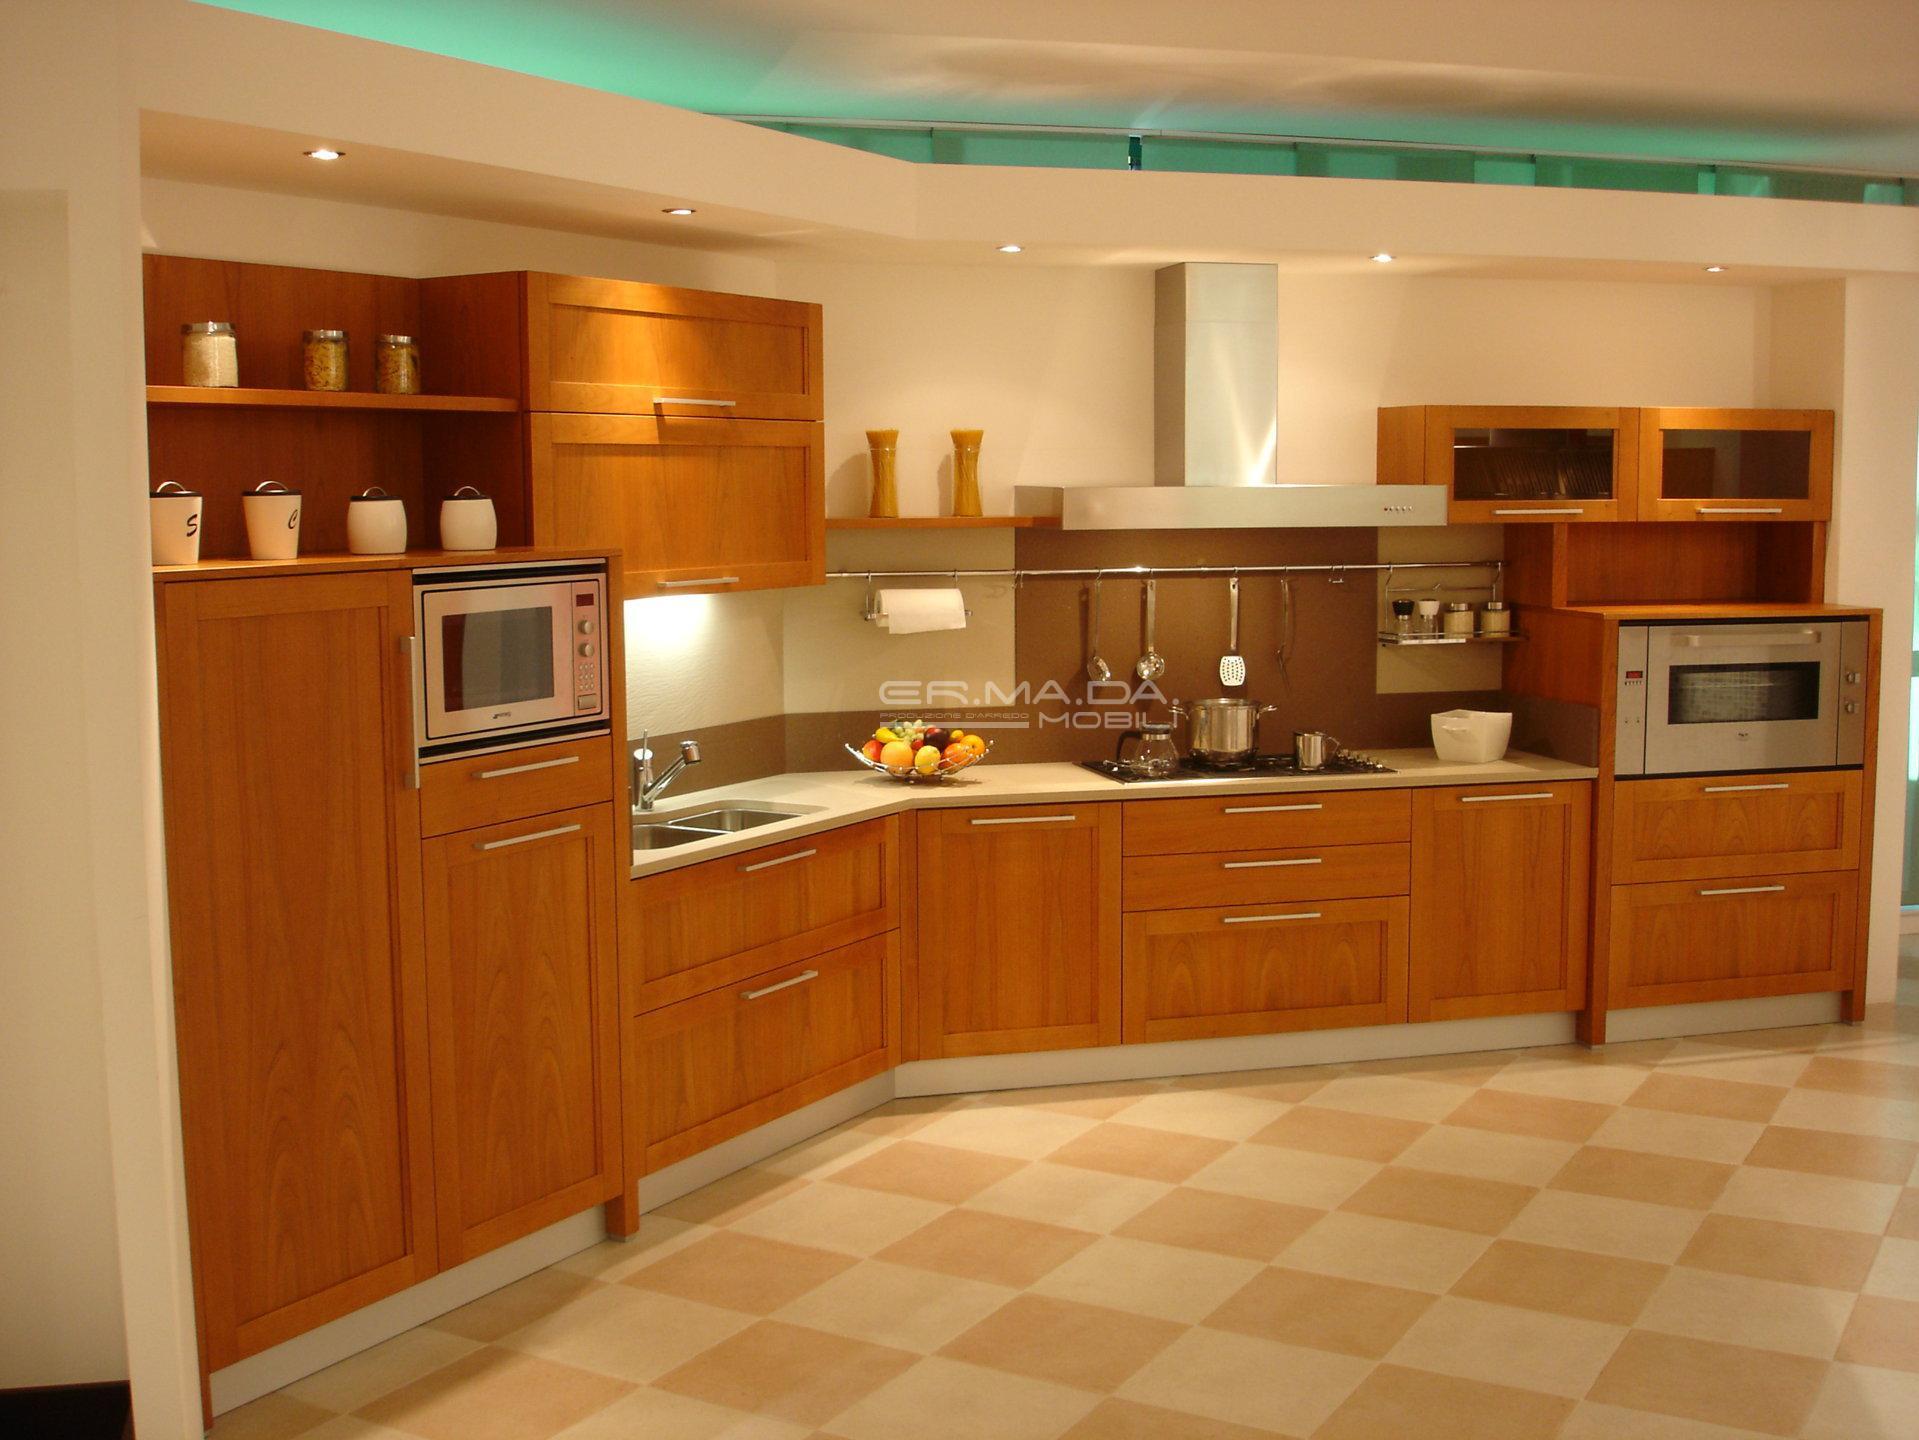 12 cucina a telaio in ciliegio chiaro er ma da for Granato mobili